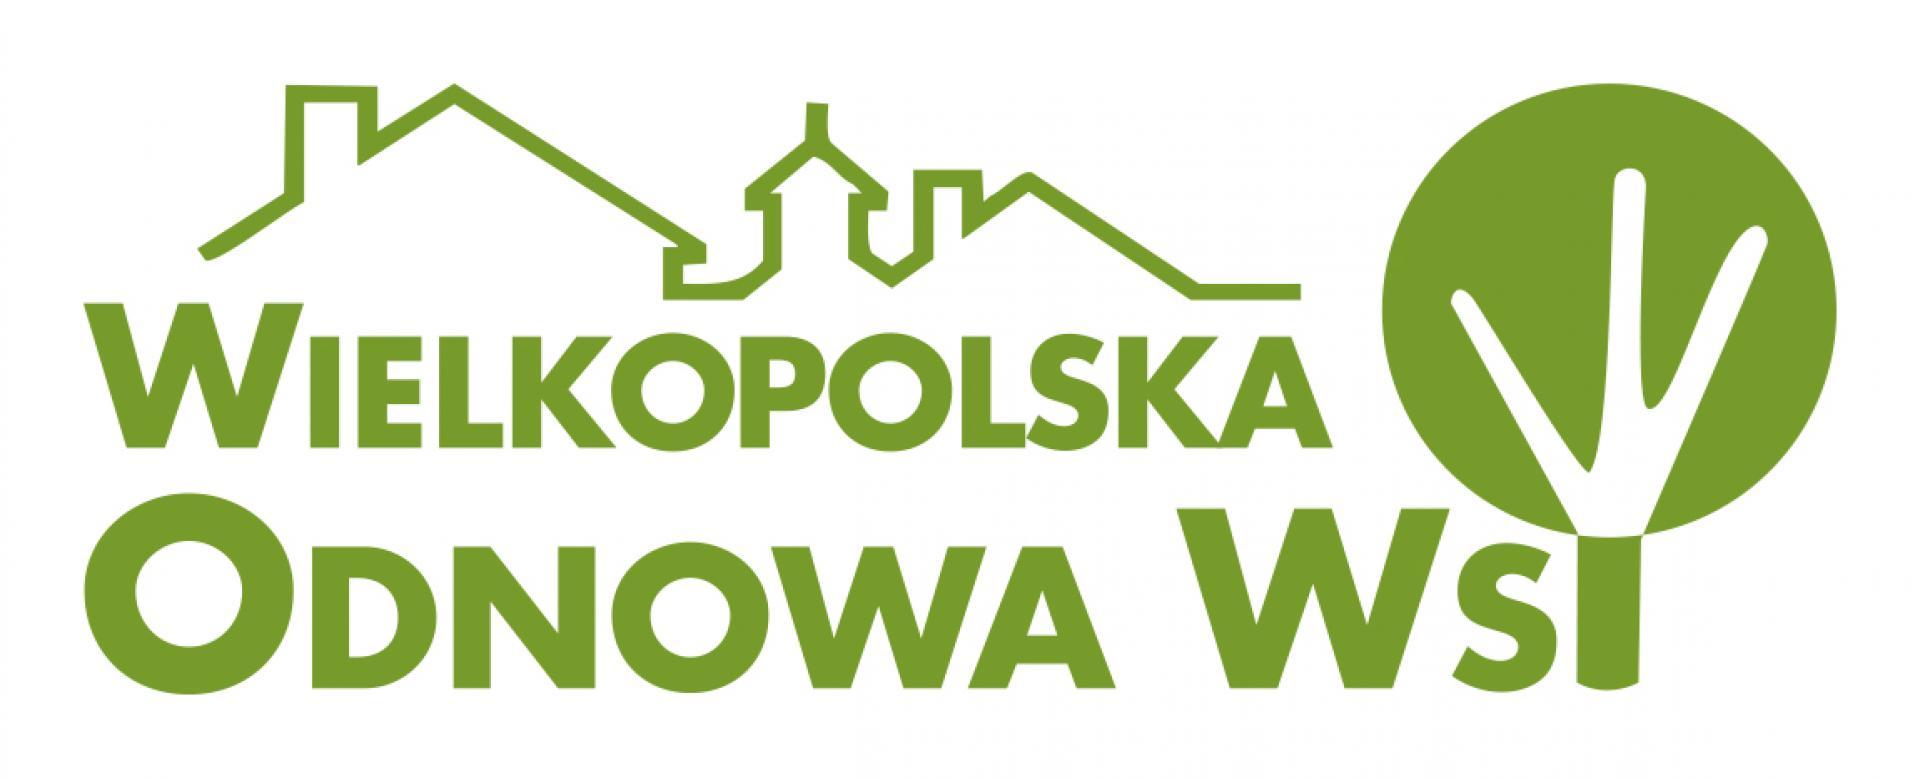 Logo programu Wielkopolska Odnowa Wsi- kliknij aby powiększyć